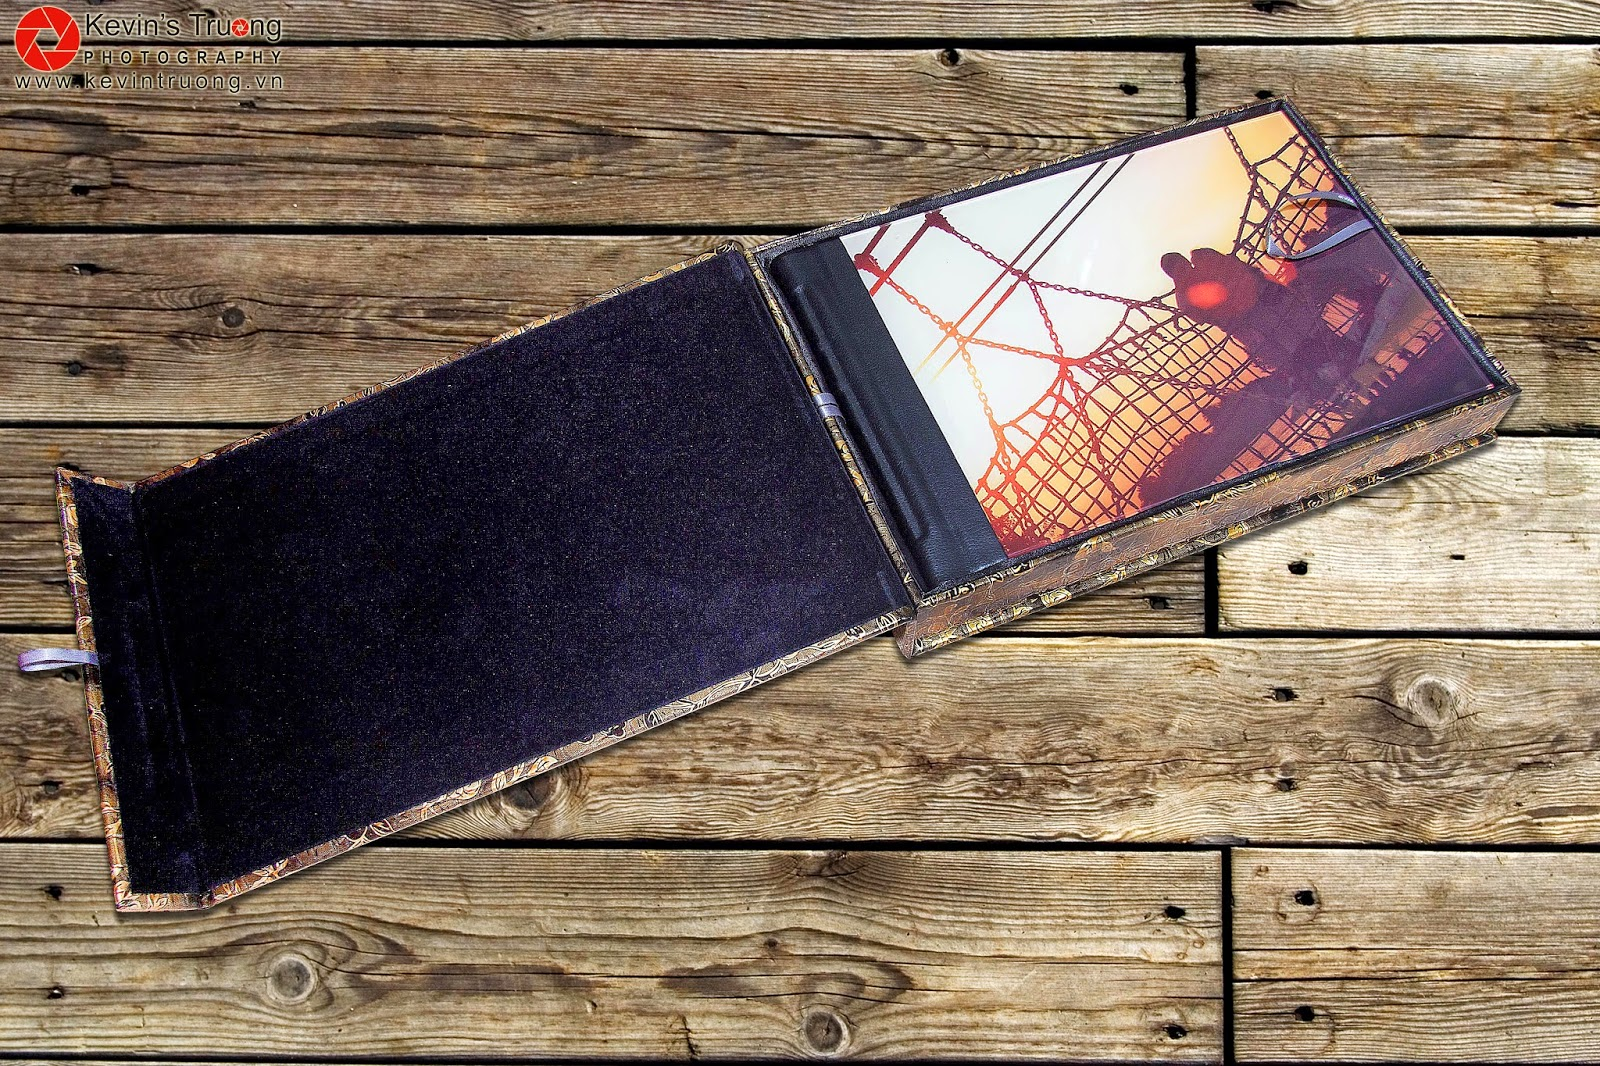 Gia Công-In Album Cát Kim Tuyến-Album 3D,Photobook,Ép gỗ các loại - 26